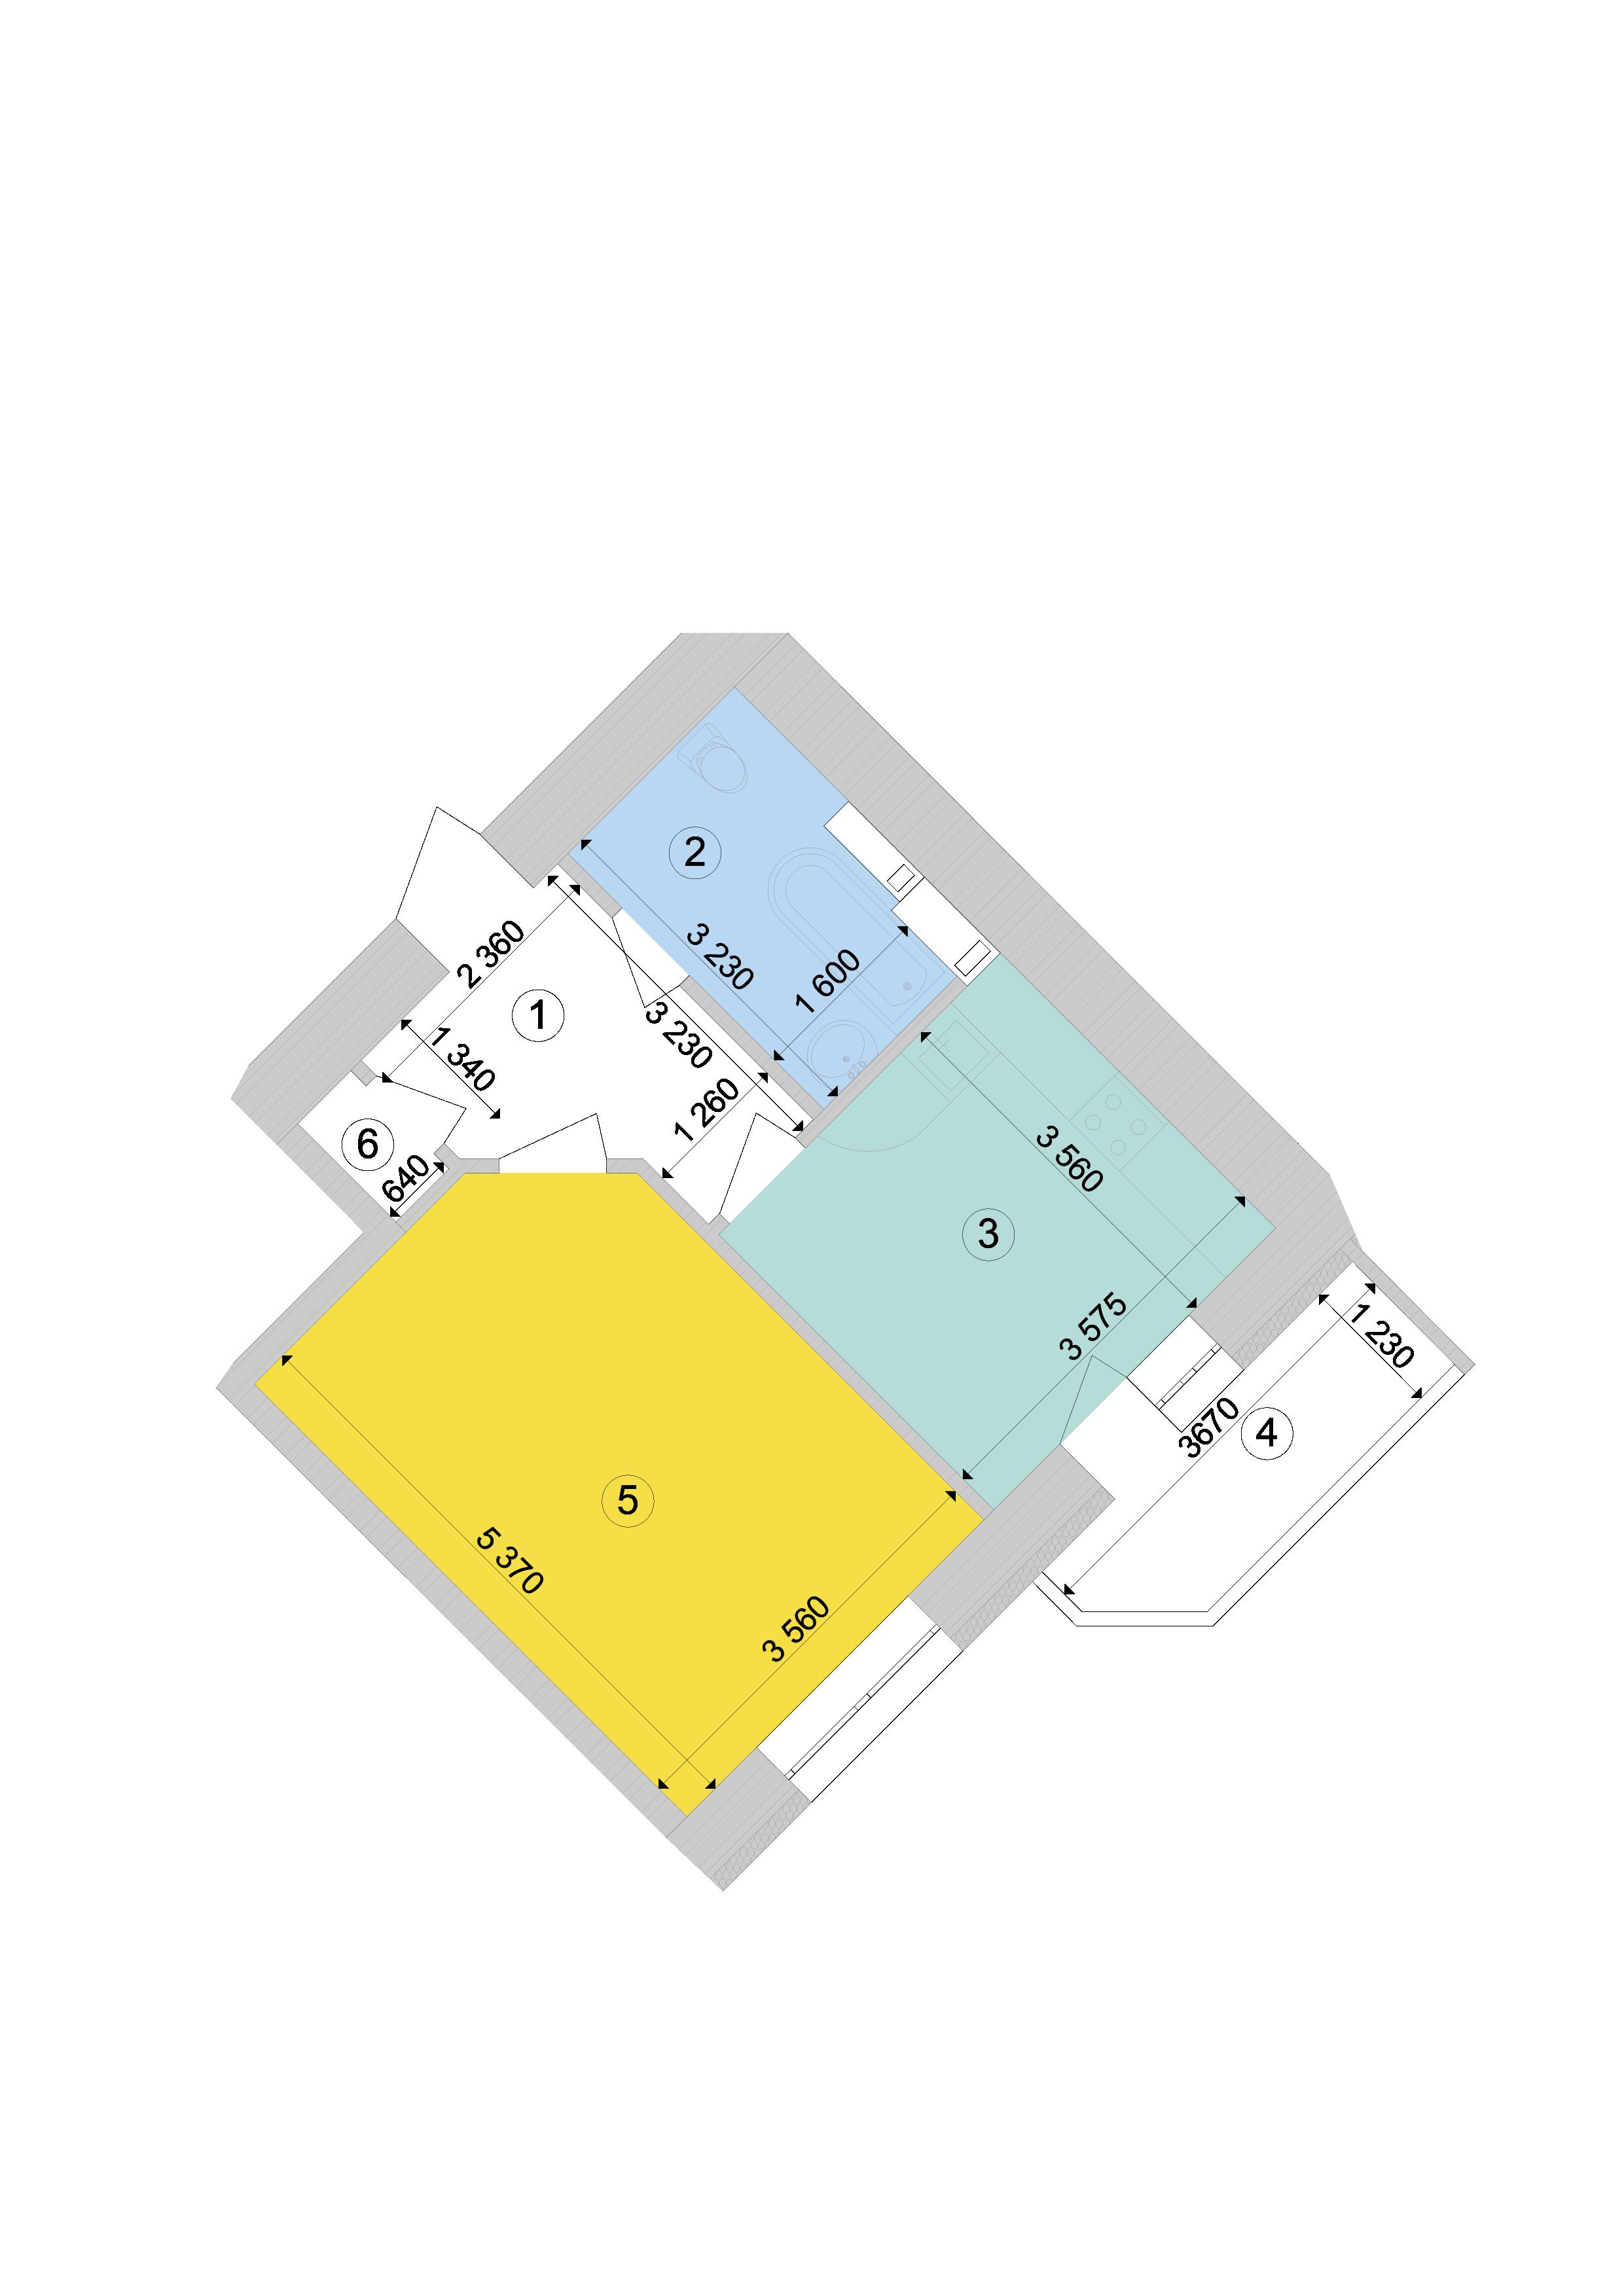 Купить Однокомнатная квартира 46,10 кв.м., тип 1.5, дом 1, секция 9 в Киеве Голосеевский район